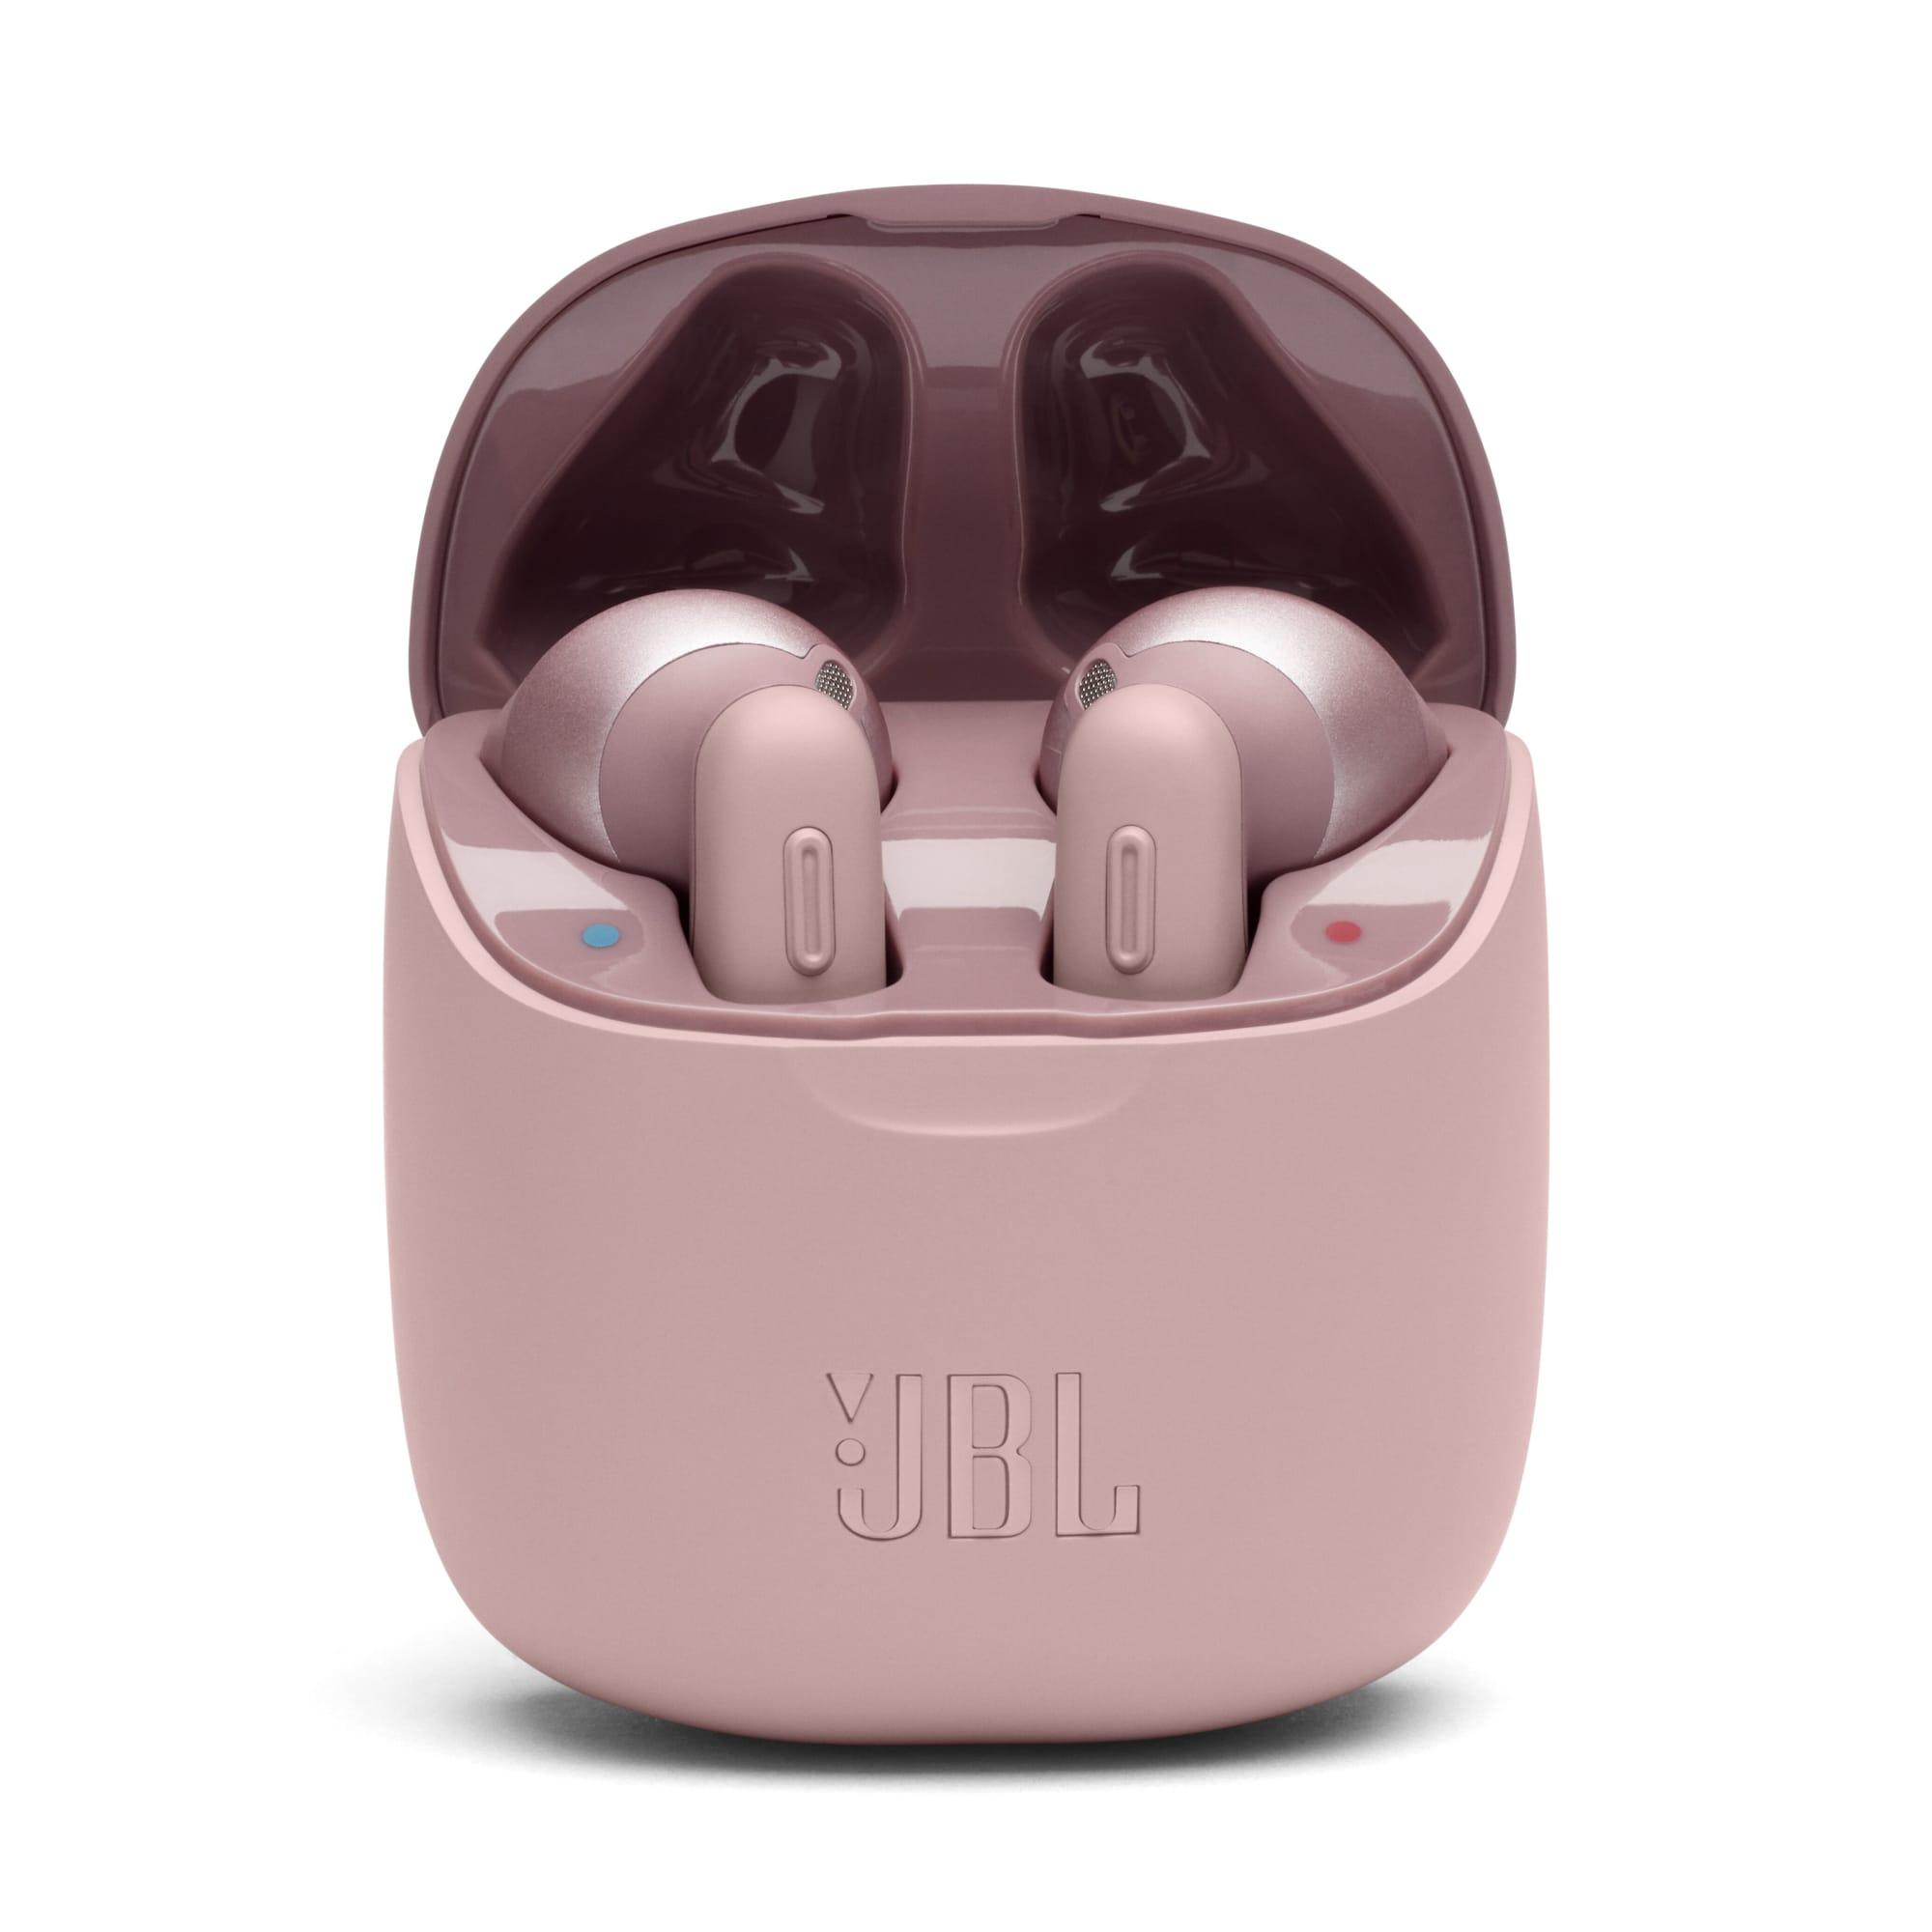 JBL 220TWS wireless charging case